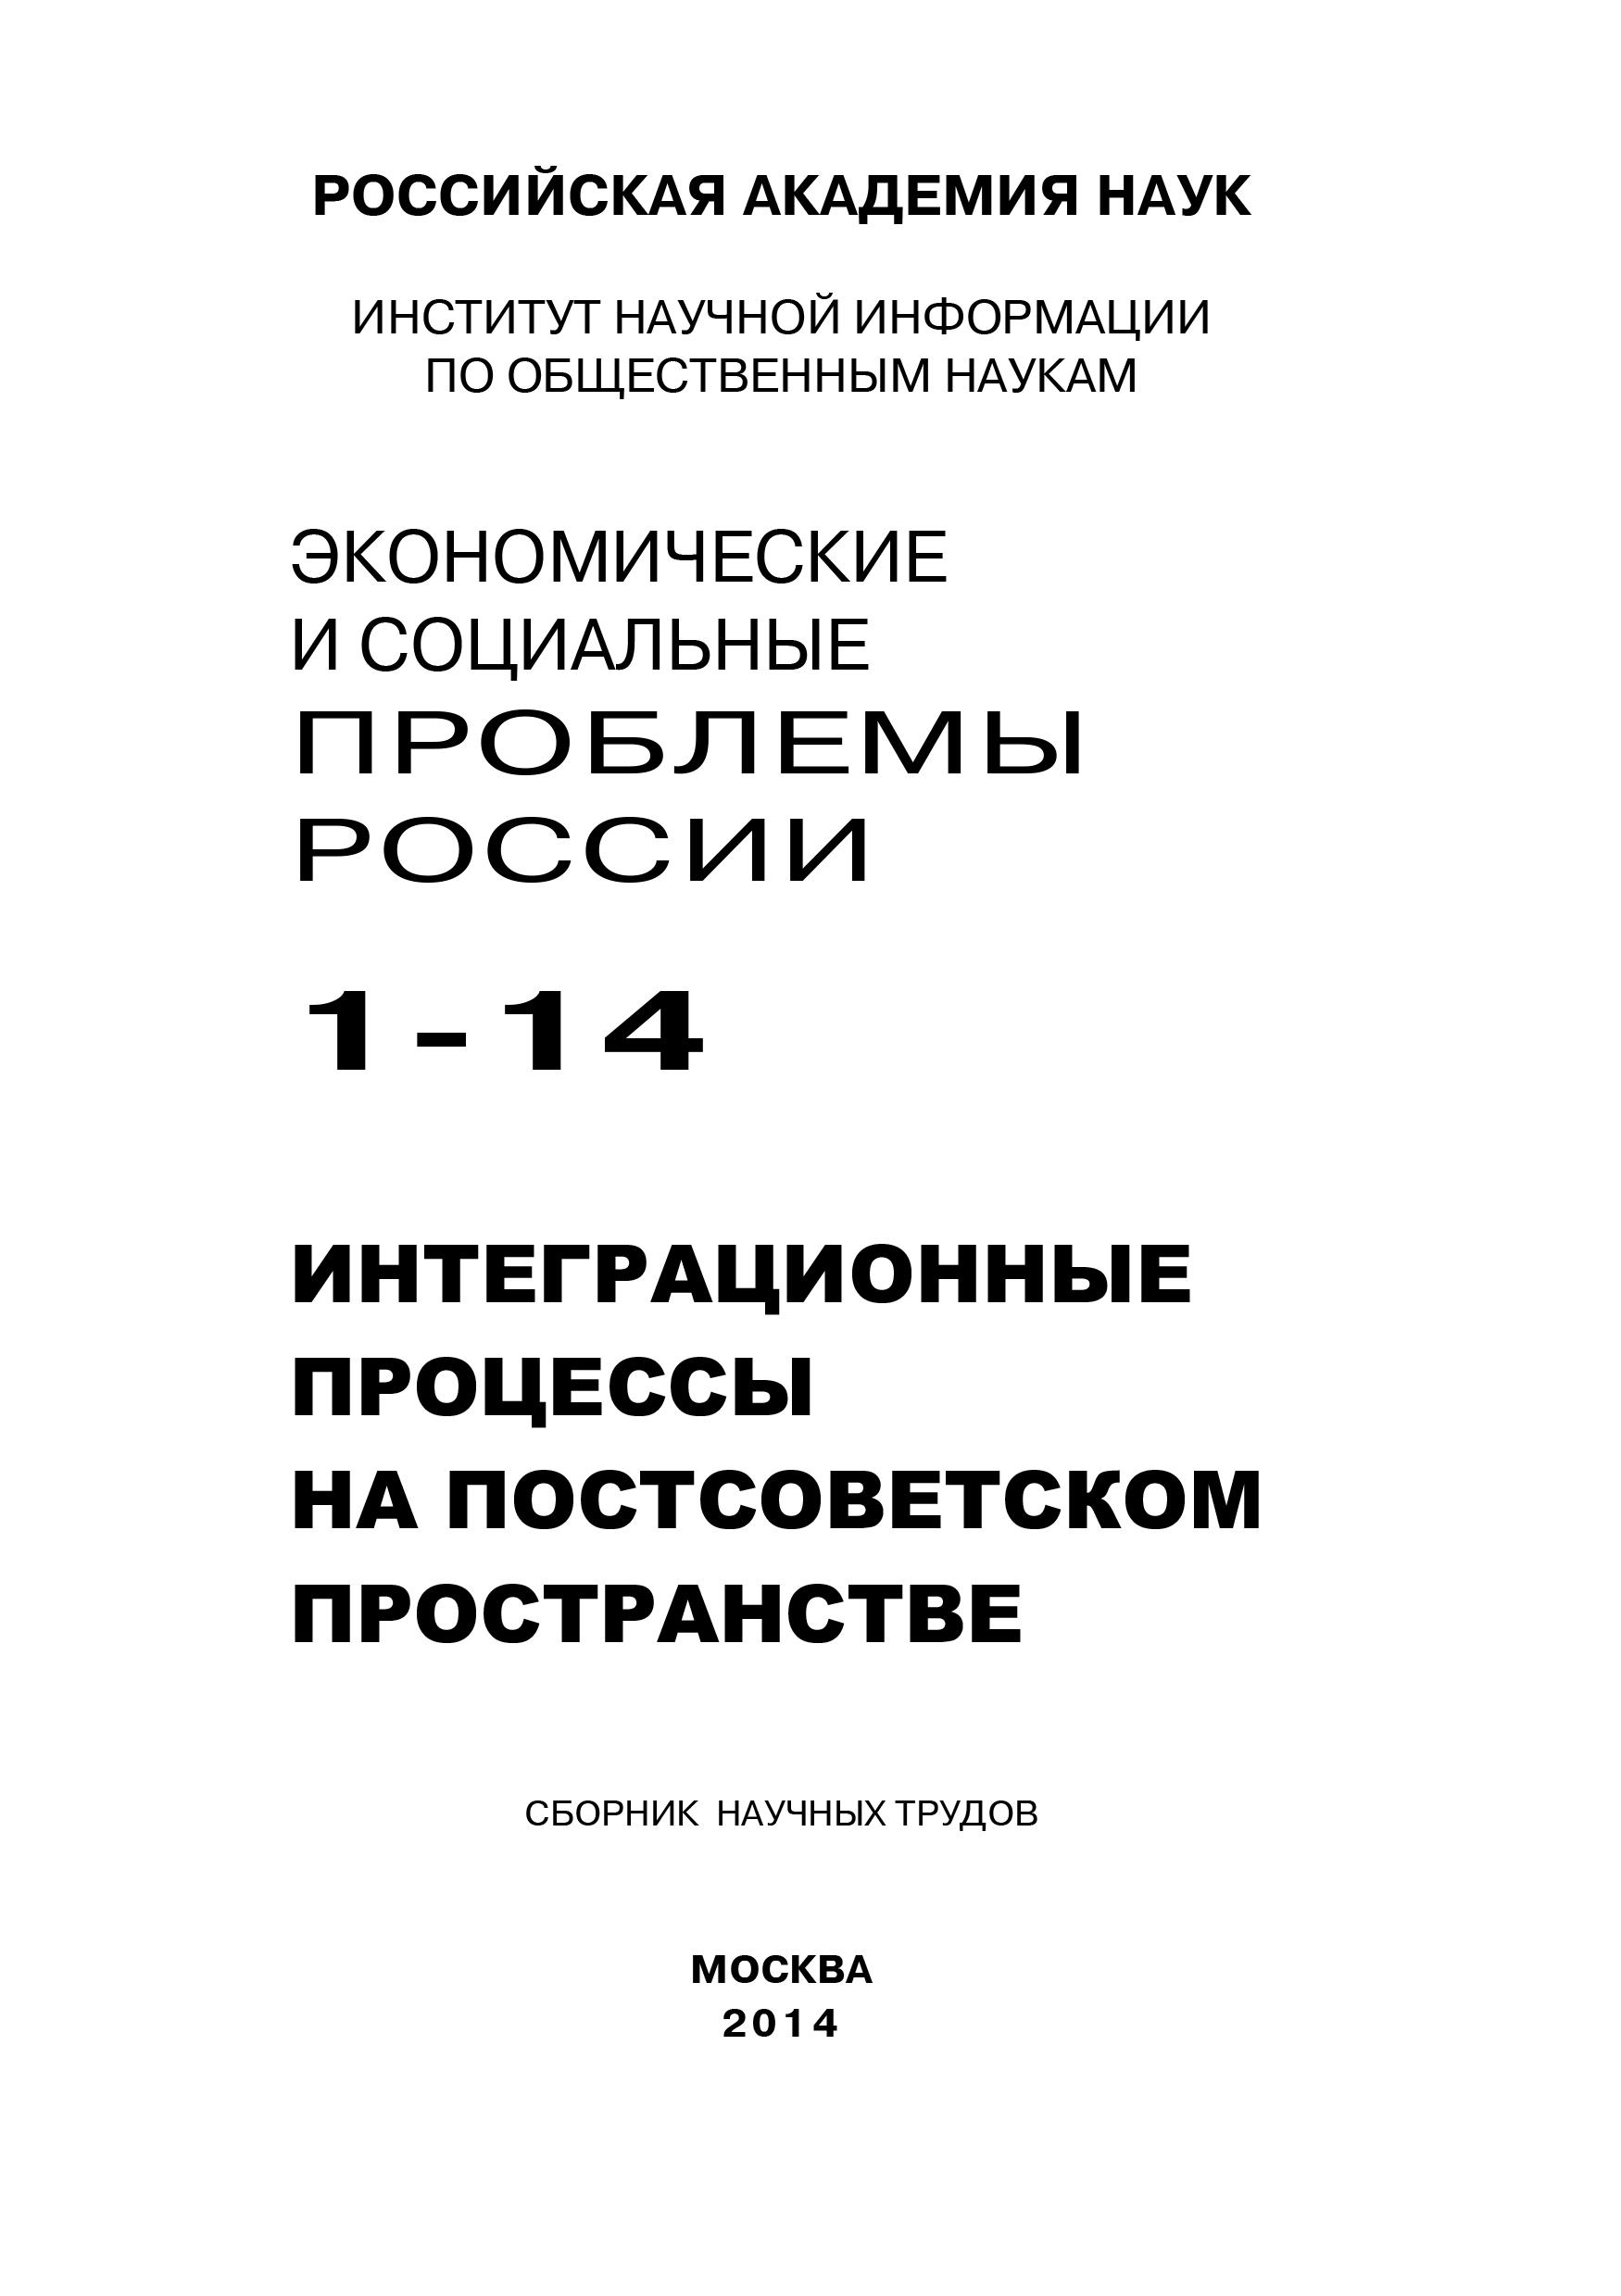 Коллектив авторов Экономические и социальные проблемы России №1 / 2014